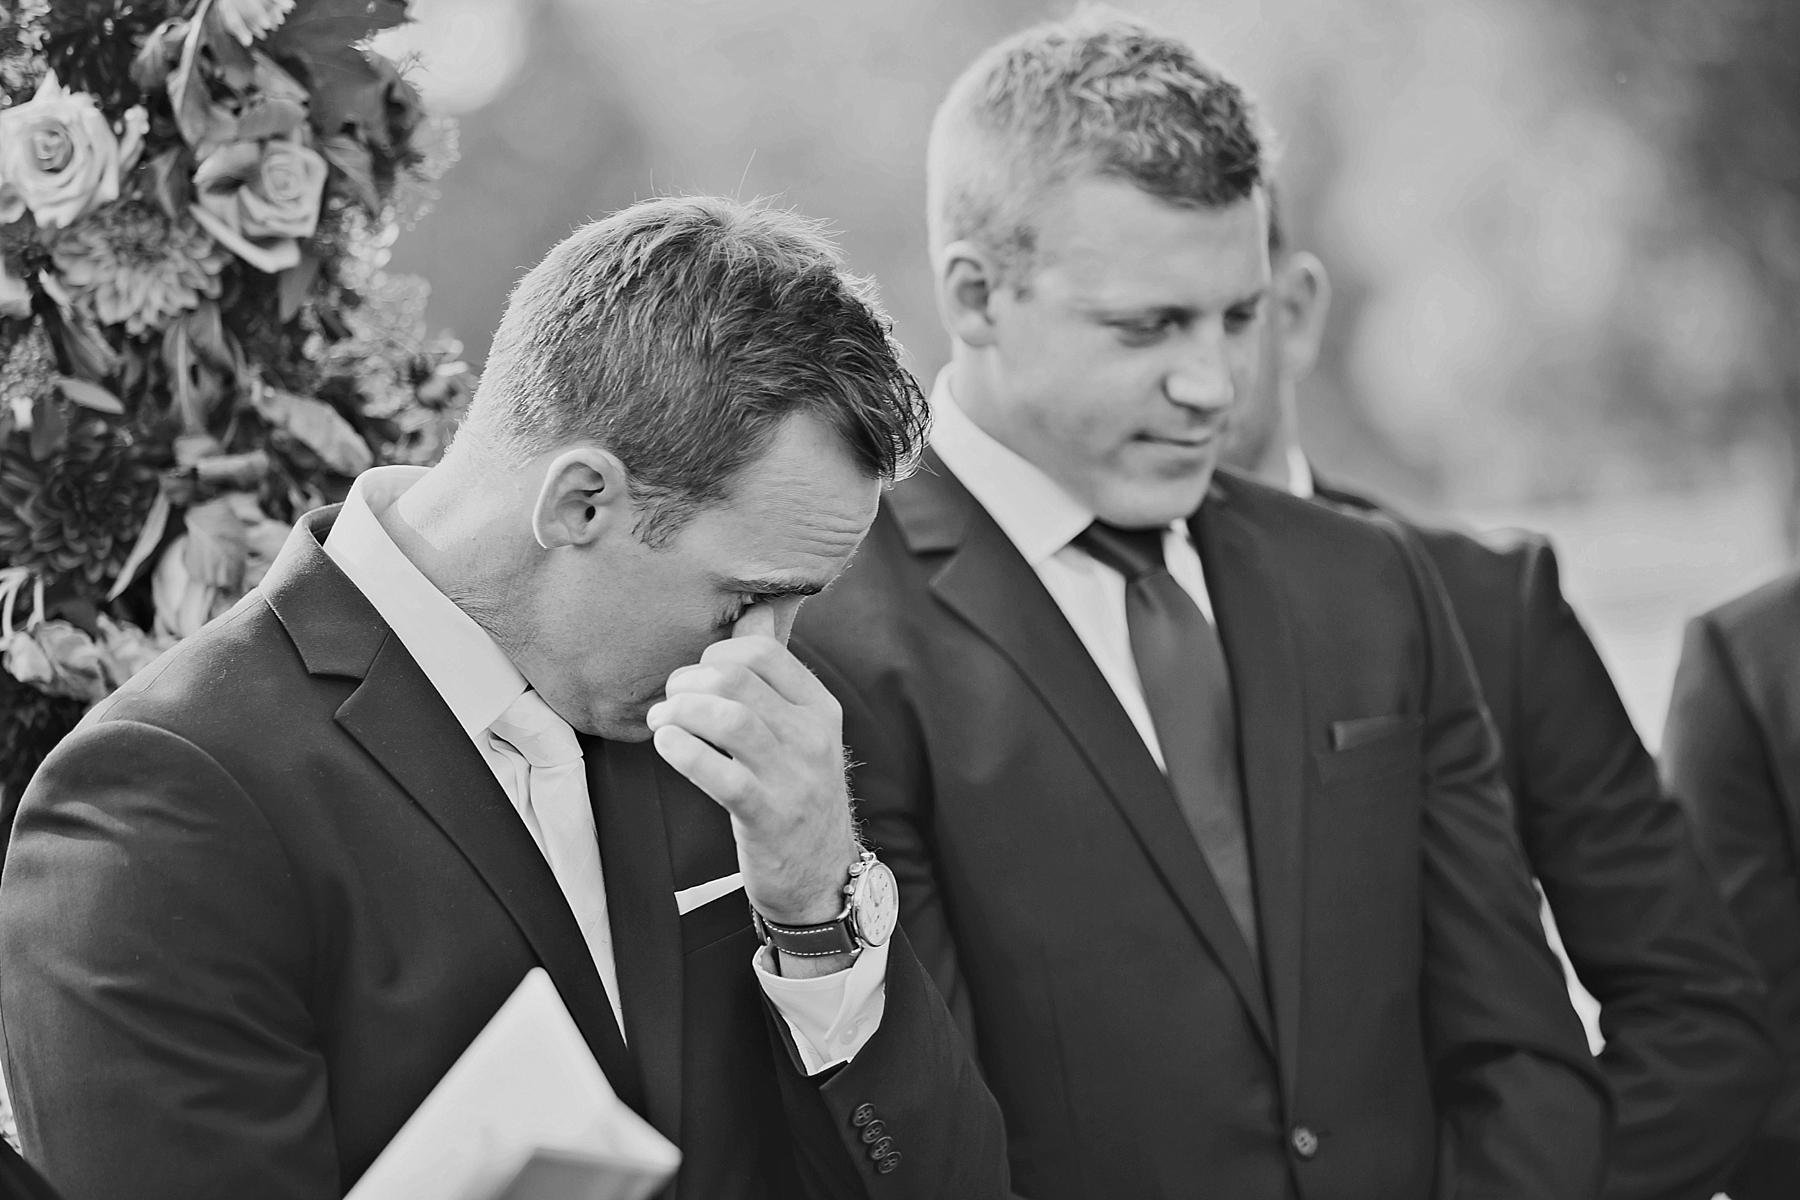 windsor-wedding-photographer-essex-golf-country-club-wedding-eryn-shea-photography_0027.jpg